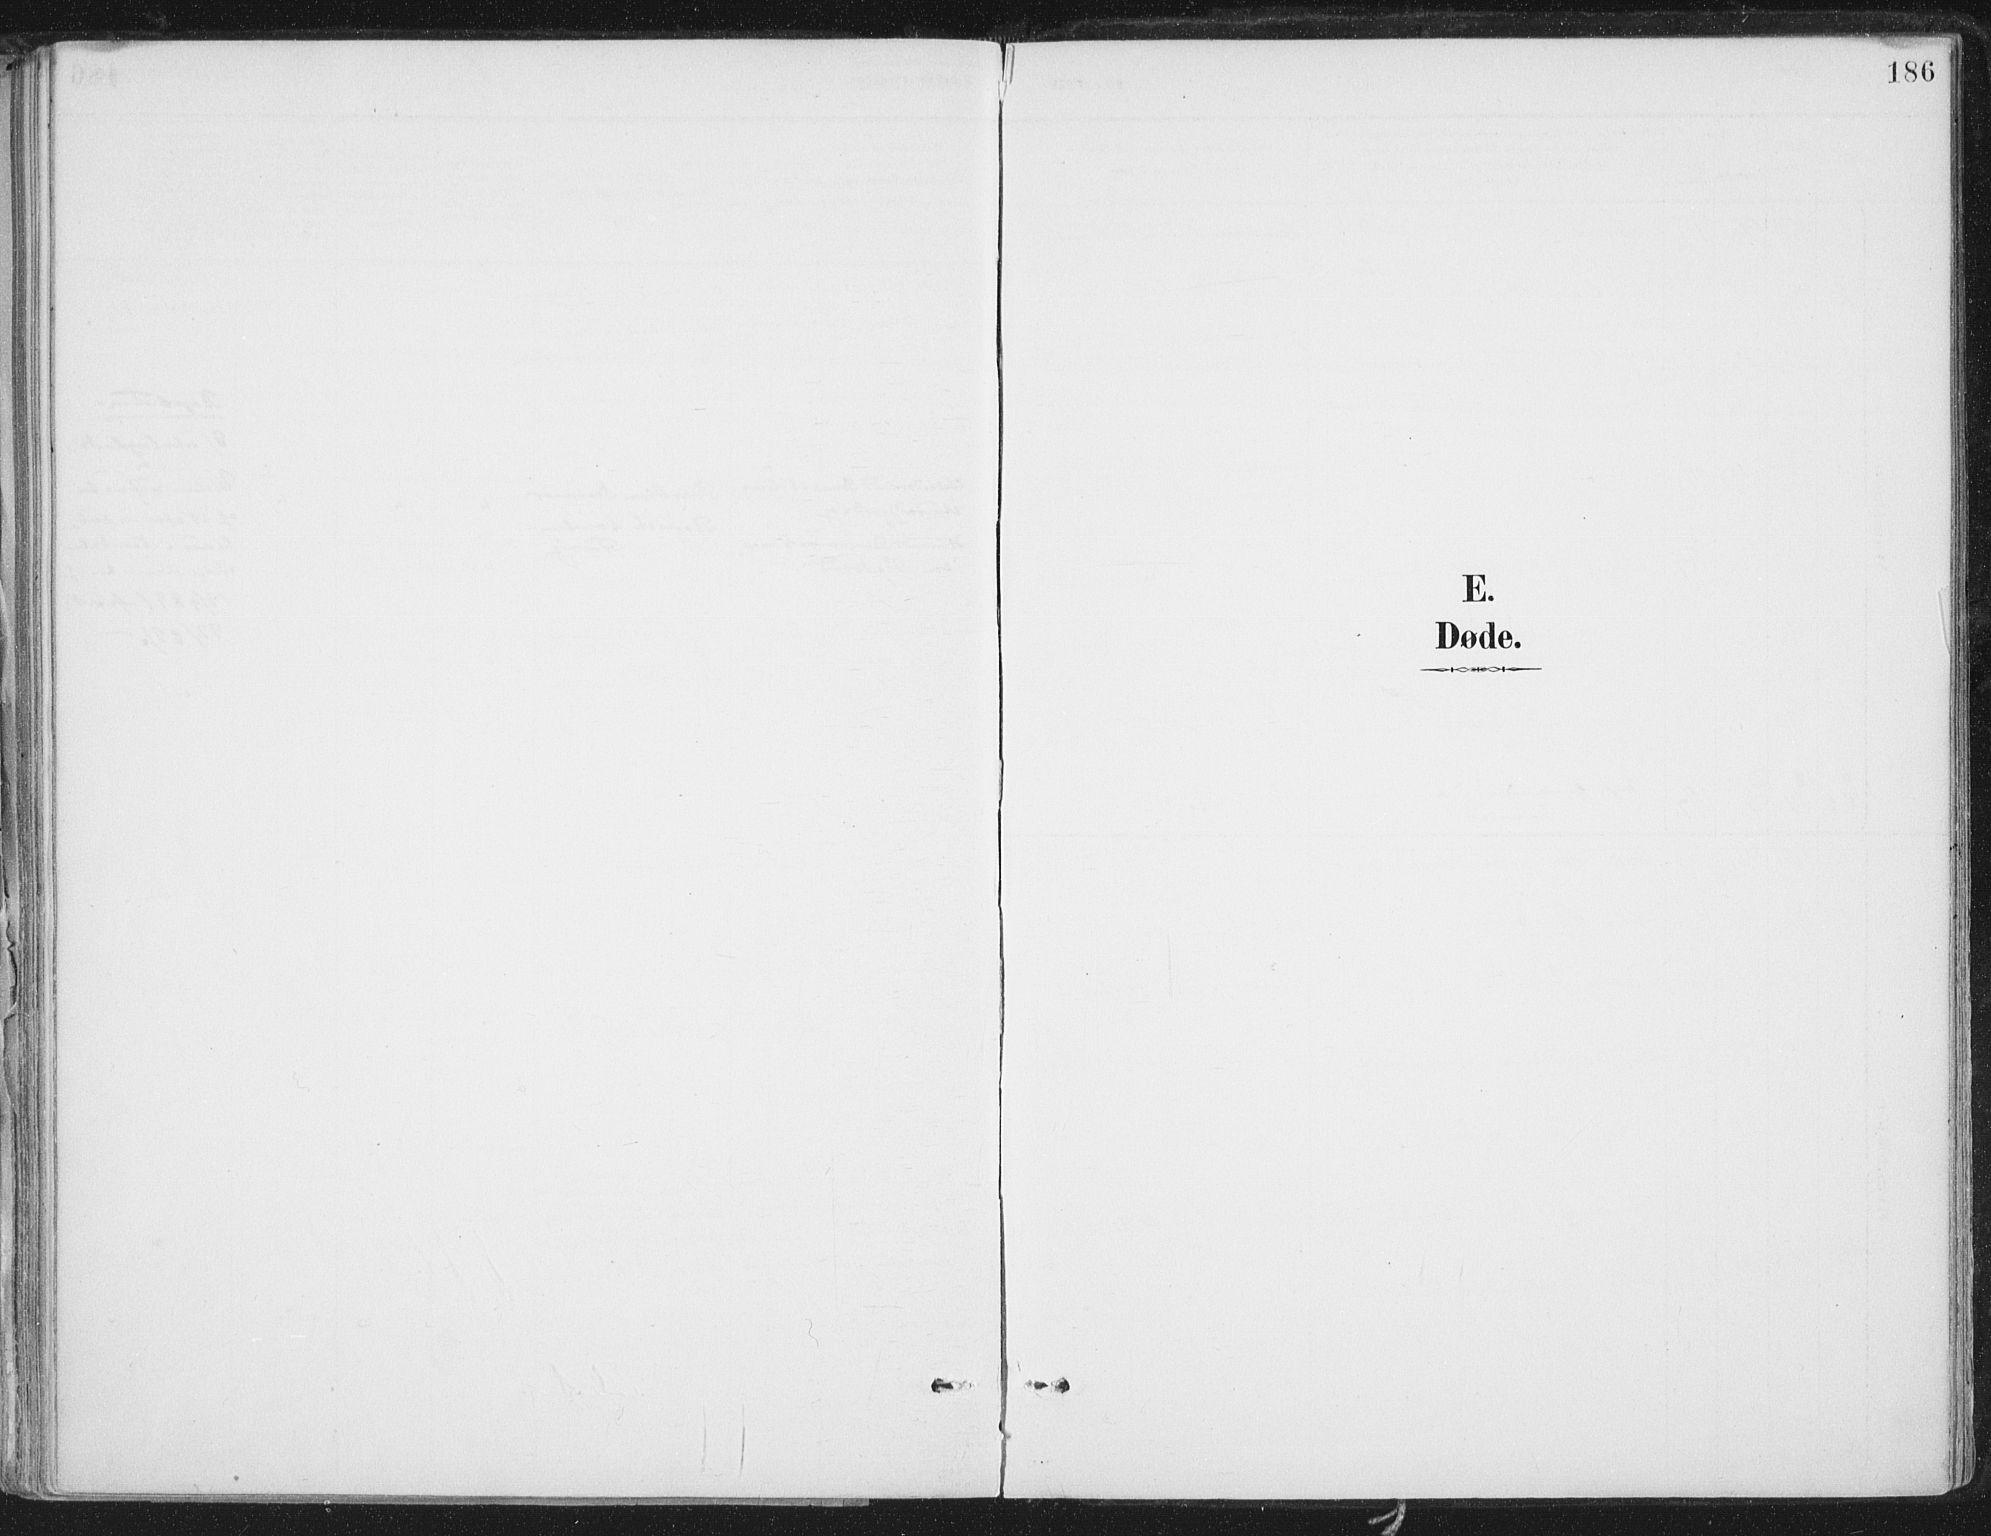 SAT, Ministerialprotokoller, klokkerbøker og fødselsregistre - Nord-Trøndelag, 786/L0687: Ministerialbok nr. 786A03, 1888-1898, s. 186